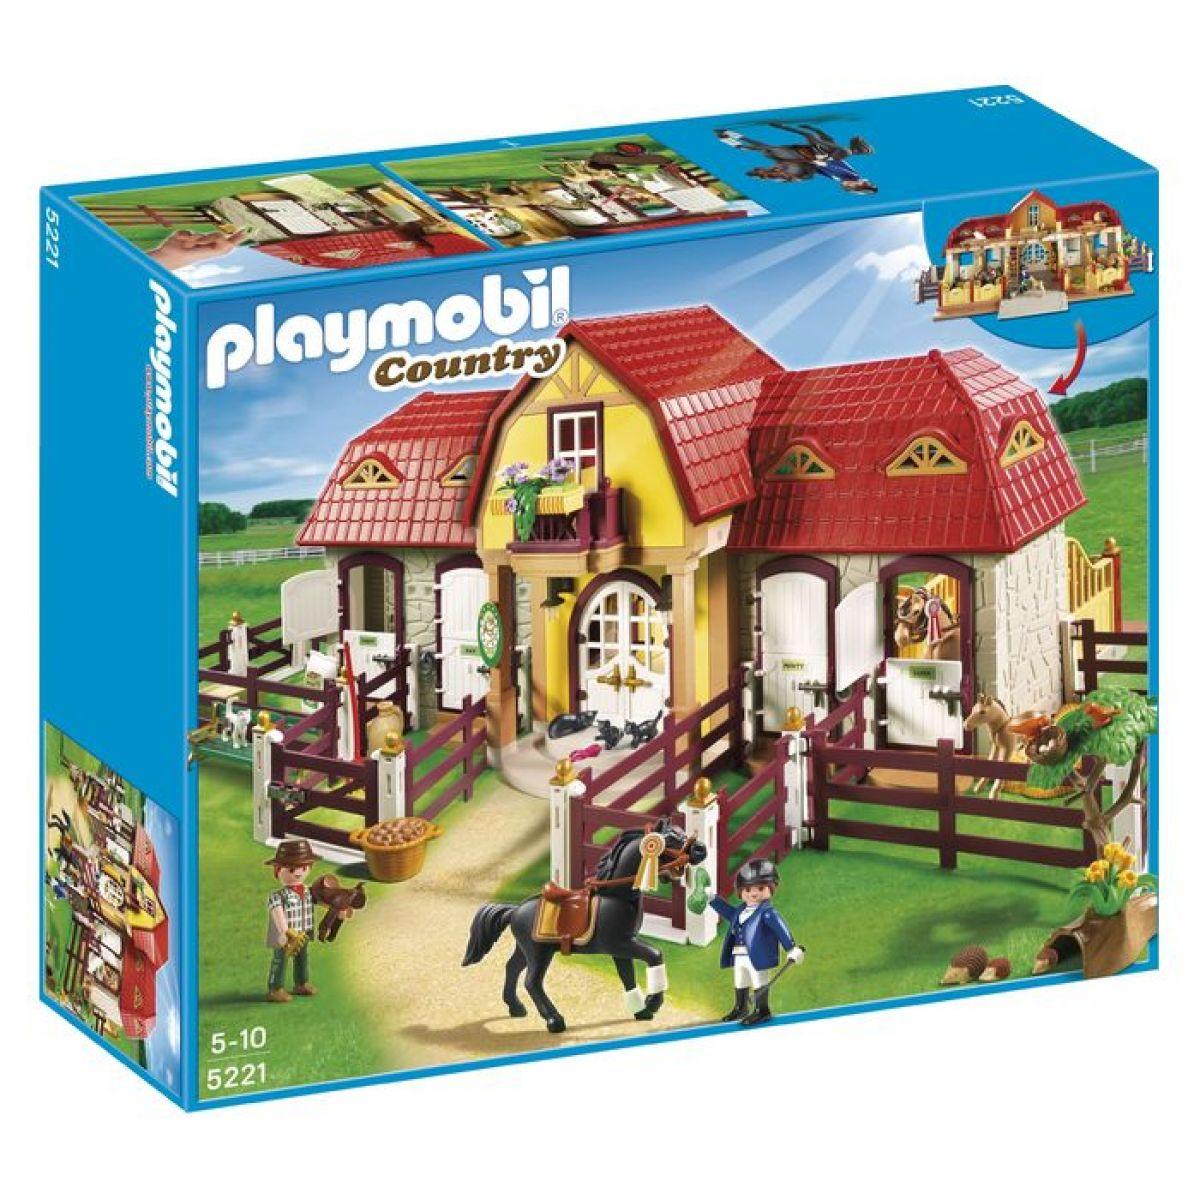 PLAYMOBIL 5221 Velká koňská farma s výběhem - Poškozený obal